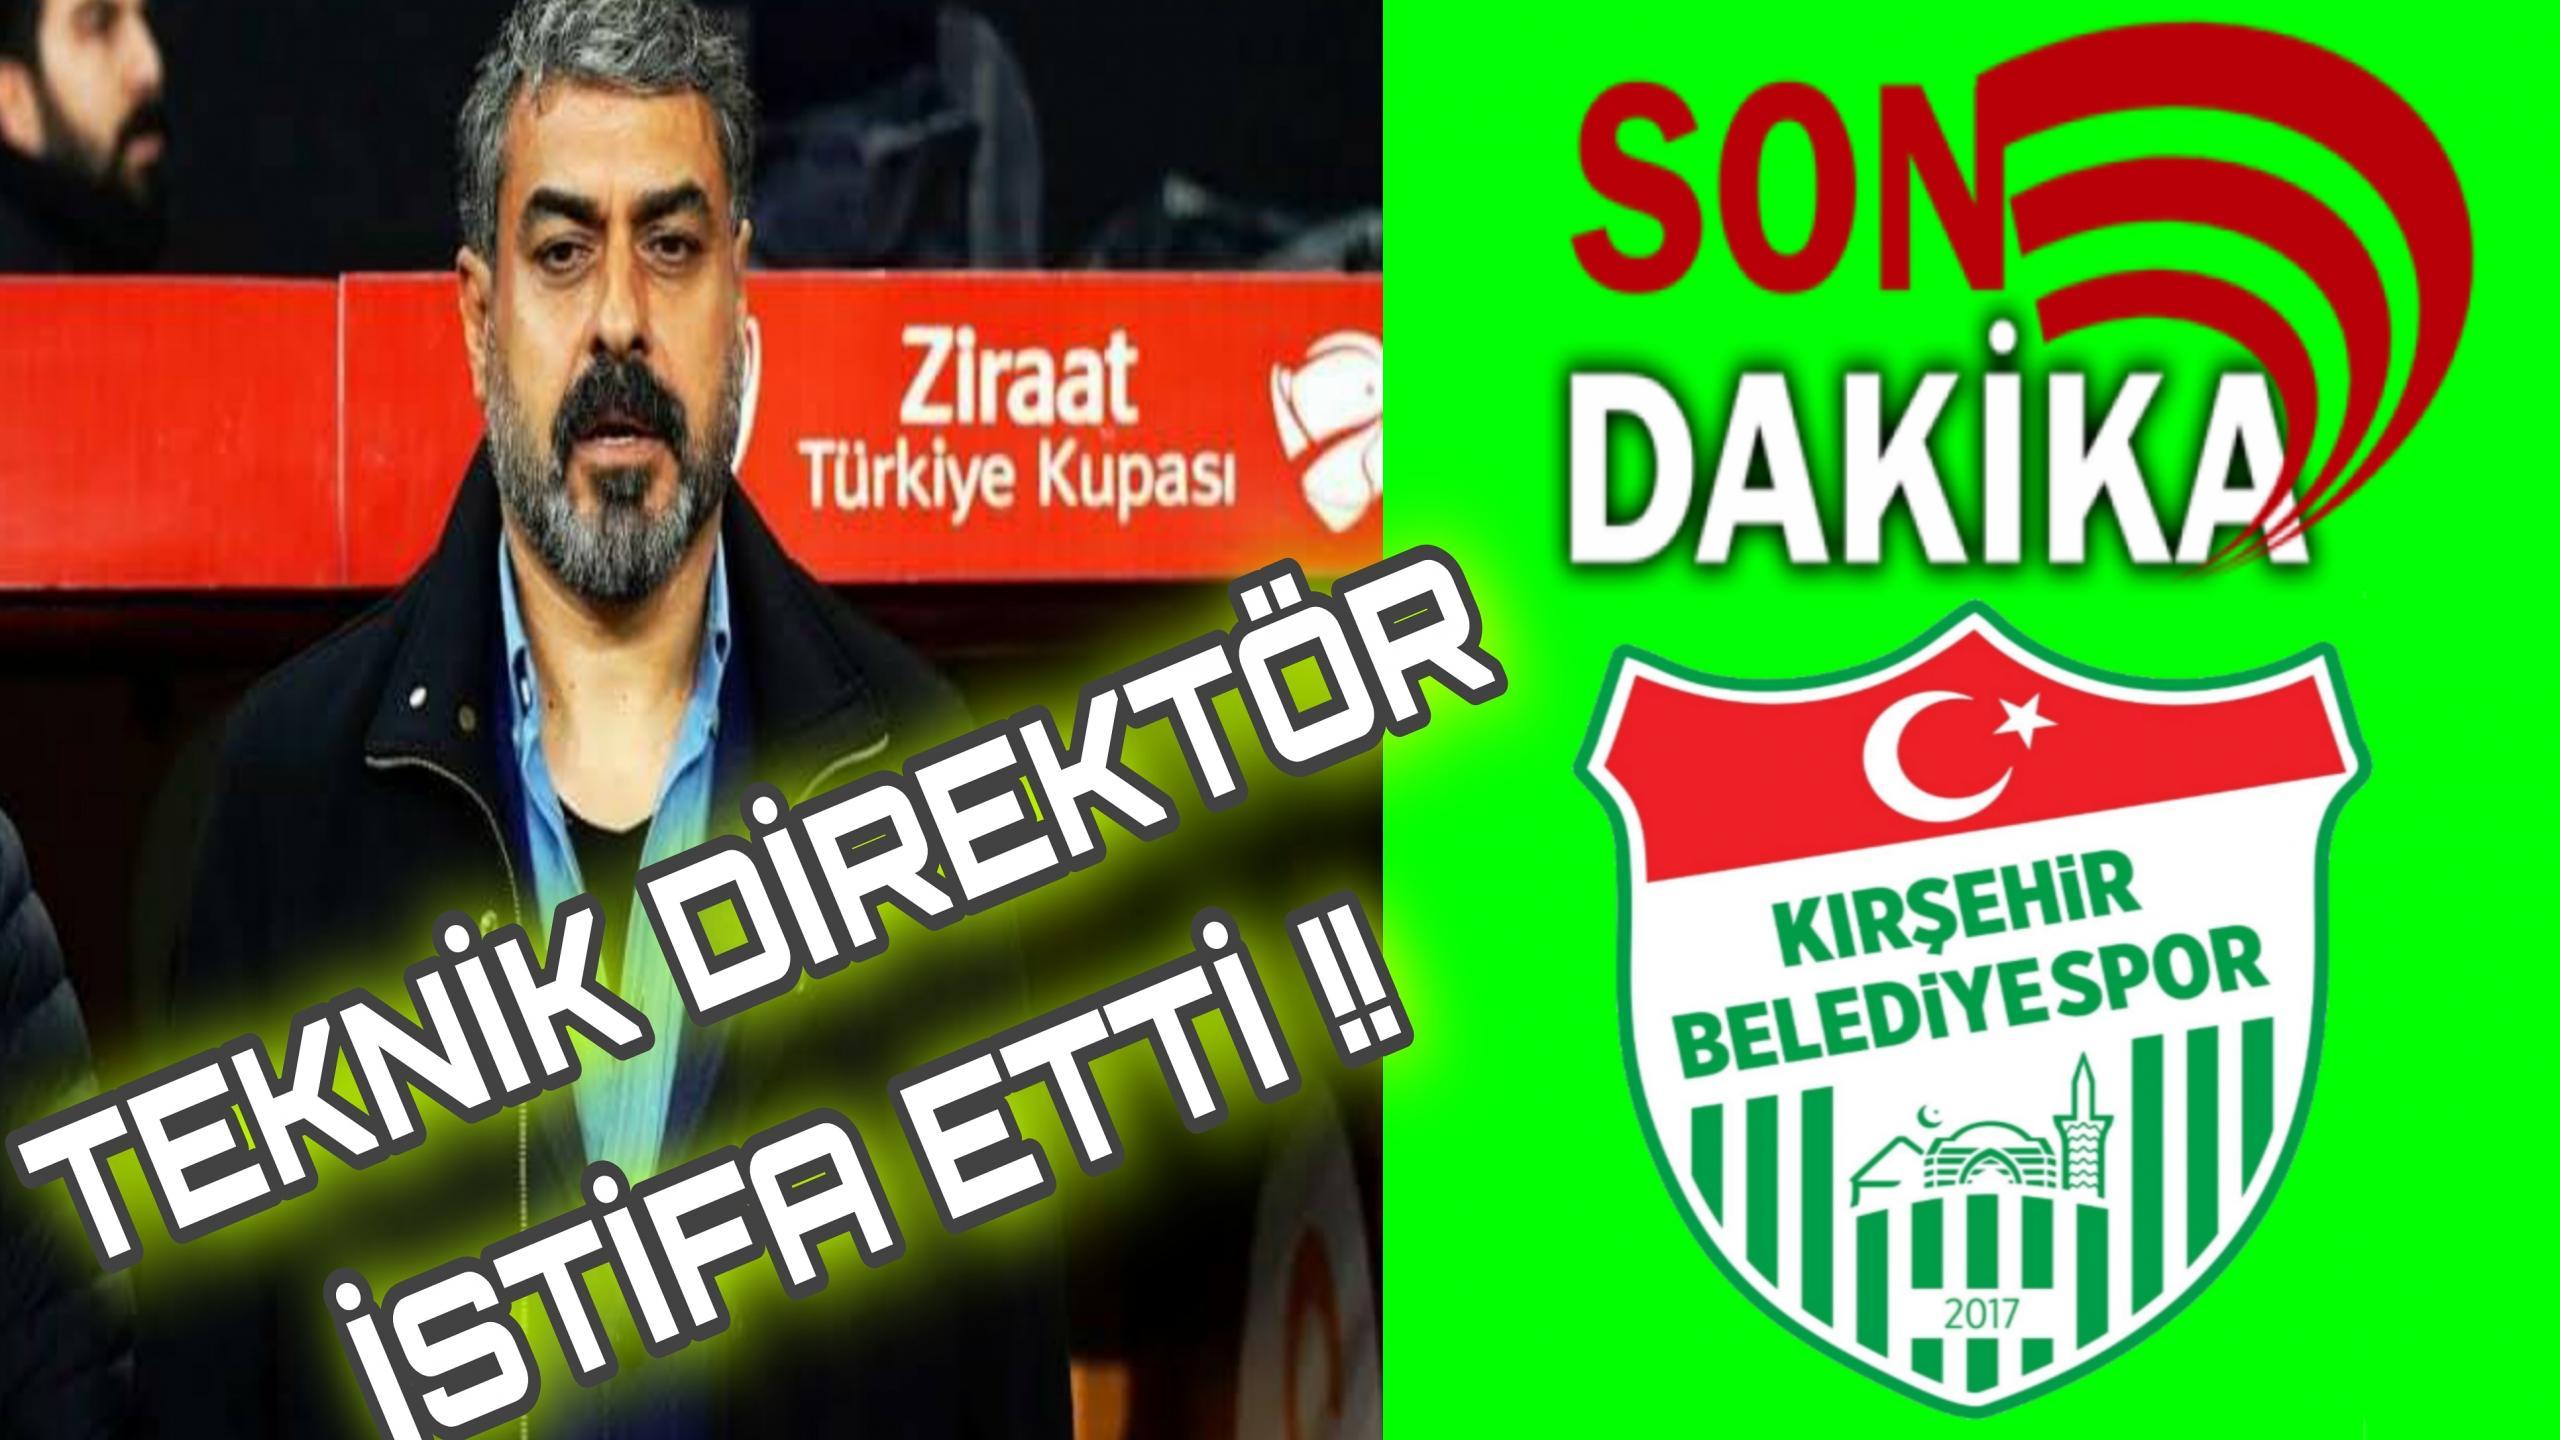 TEKNİKDİRÖKTÖR GÜRSES KILIÇ İSTİFA ETTİ !!